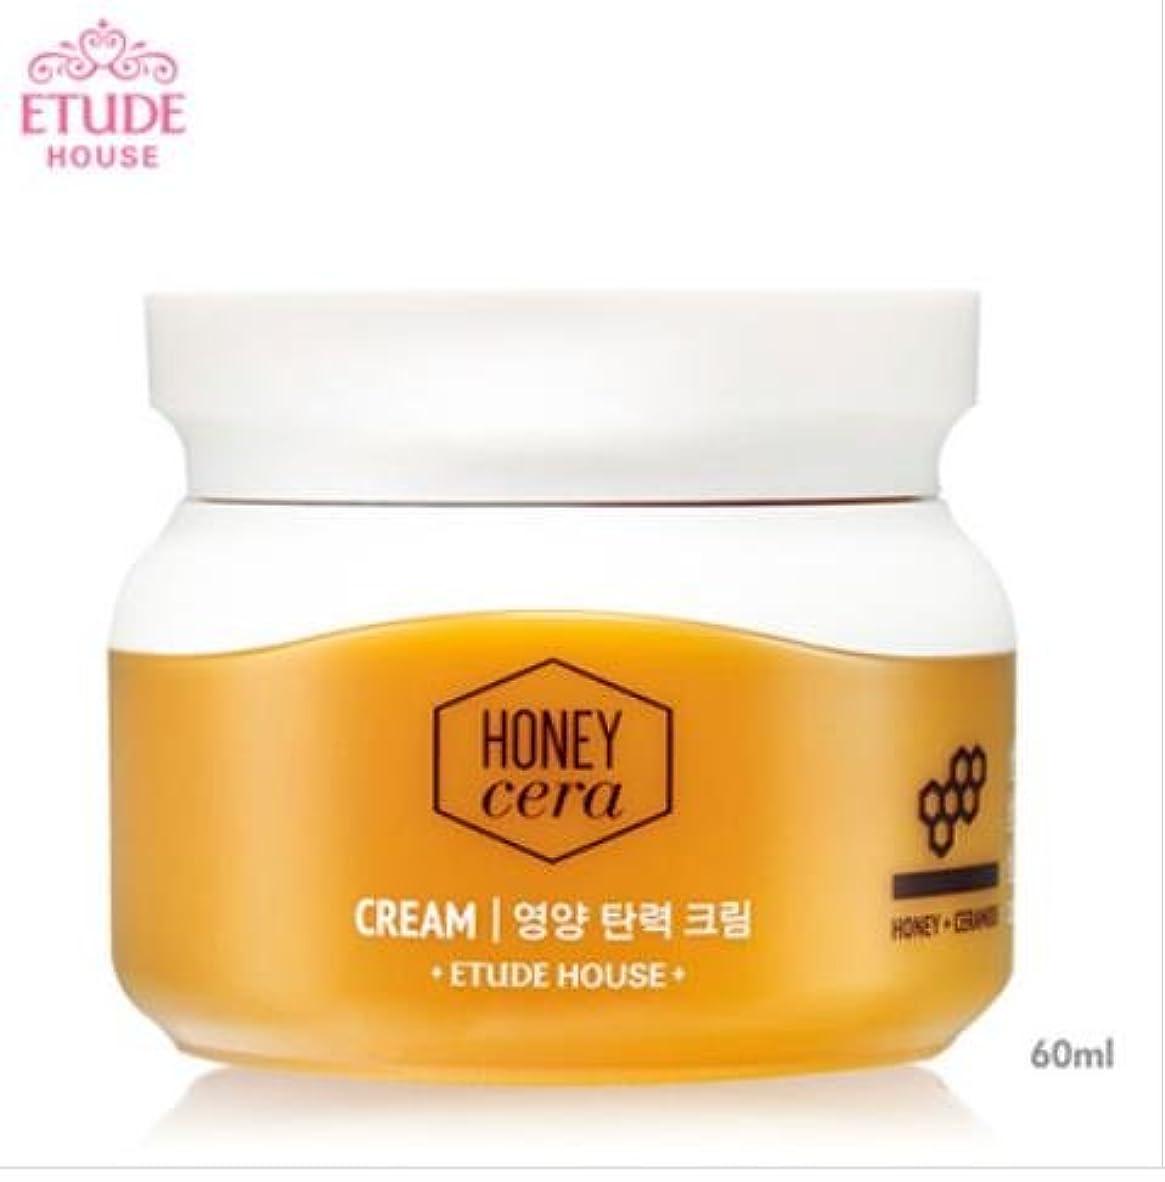 助手非武装化勤勉な[エチュードハウス] ETUDE HOUSE [ハニーセラ 栄養弾力 クリーム 60ml](Honey Sarah nutrition elastic Cream 60ml) [並行輸入品]